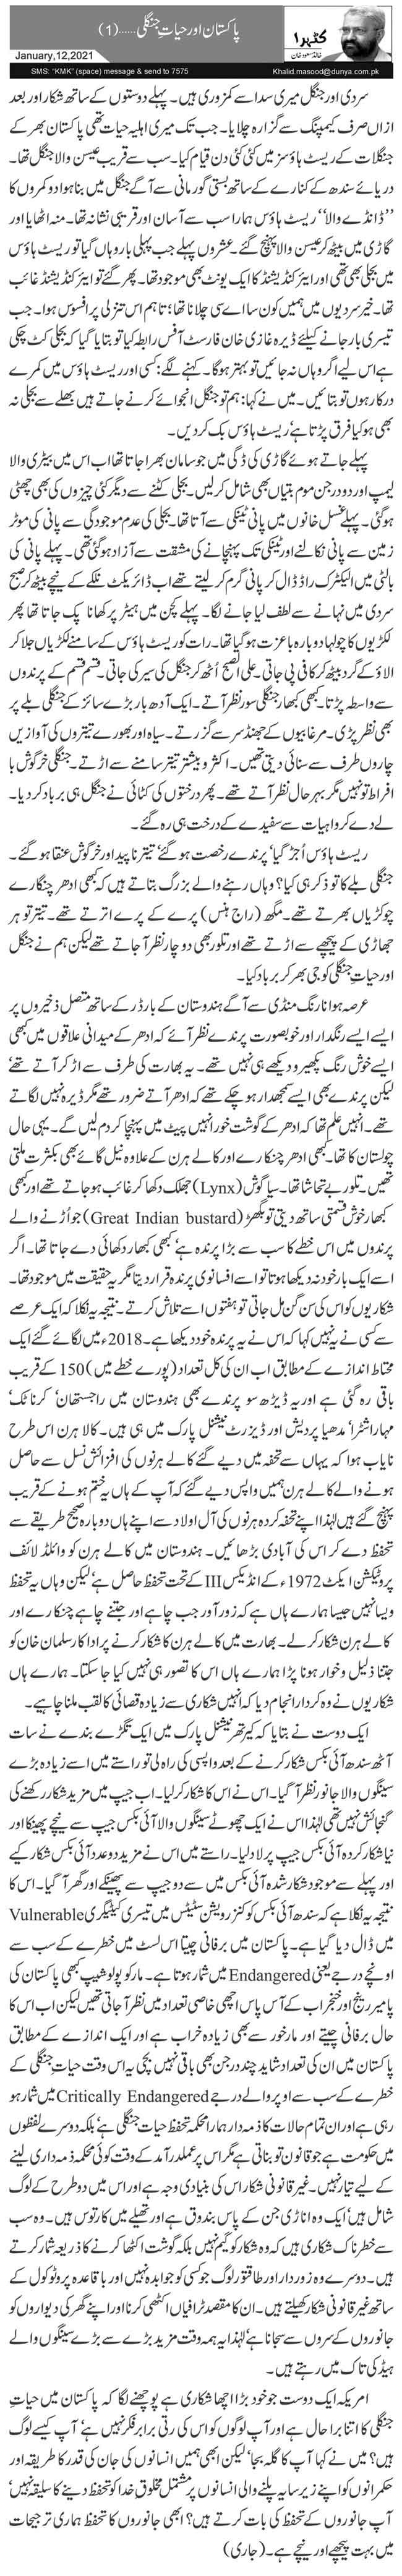 پاکستان اور حیاتِ جنگلی…(1)